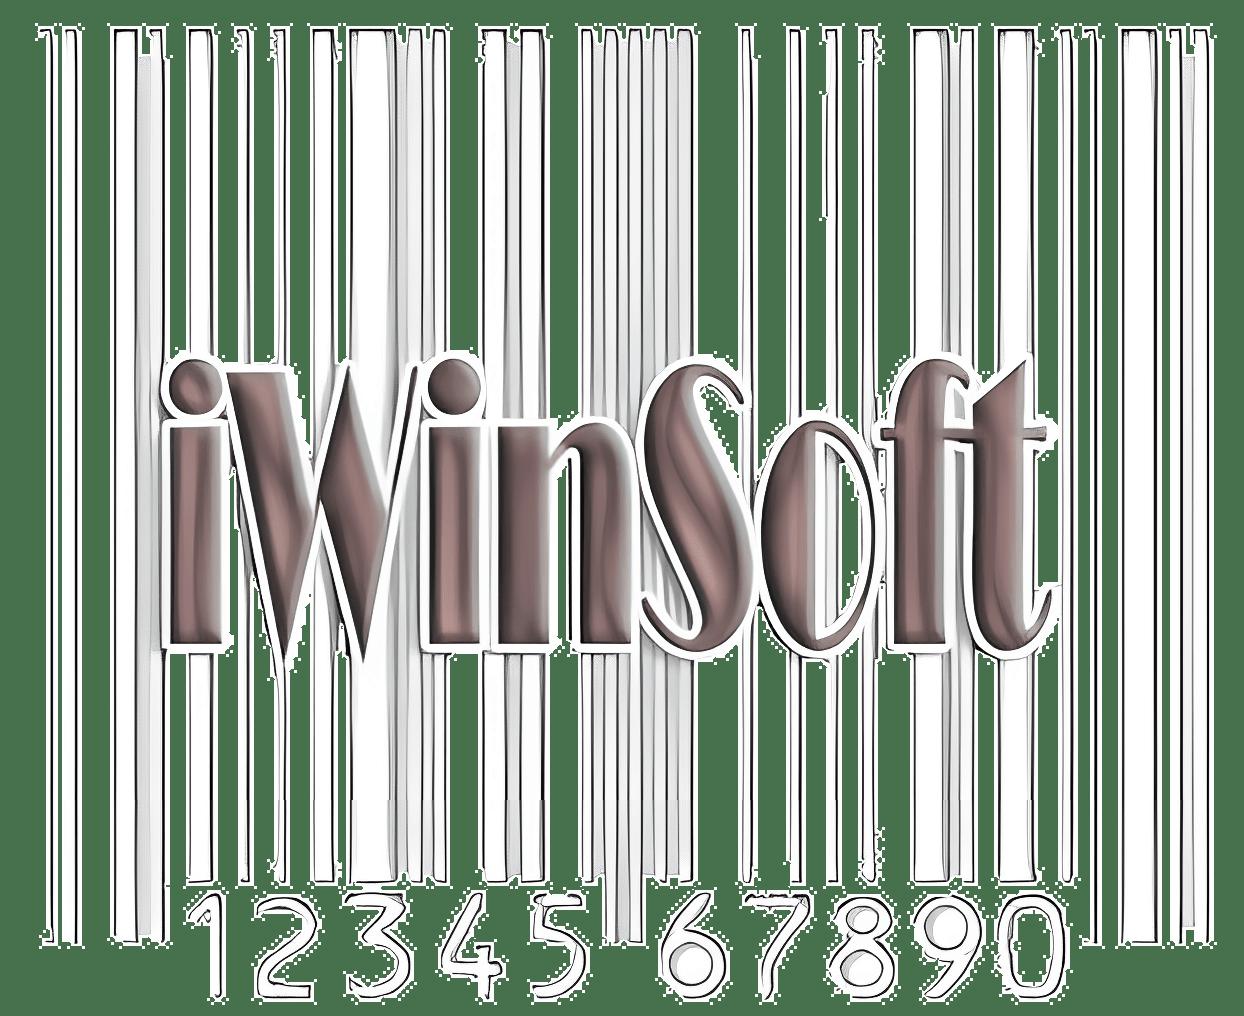 Generador de Códigos de barras iWinSoft